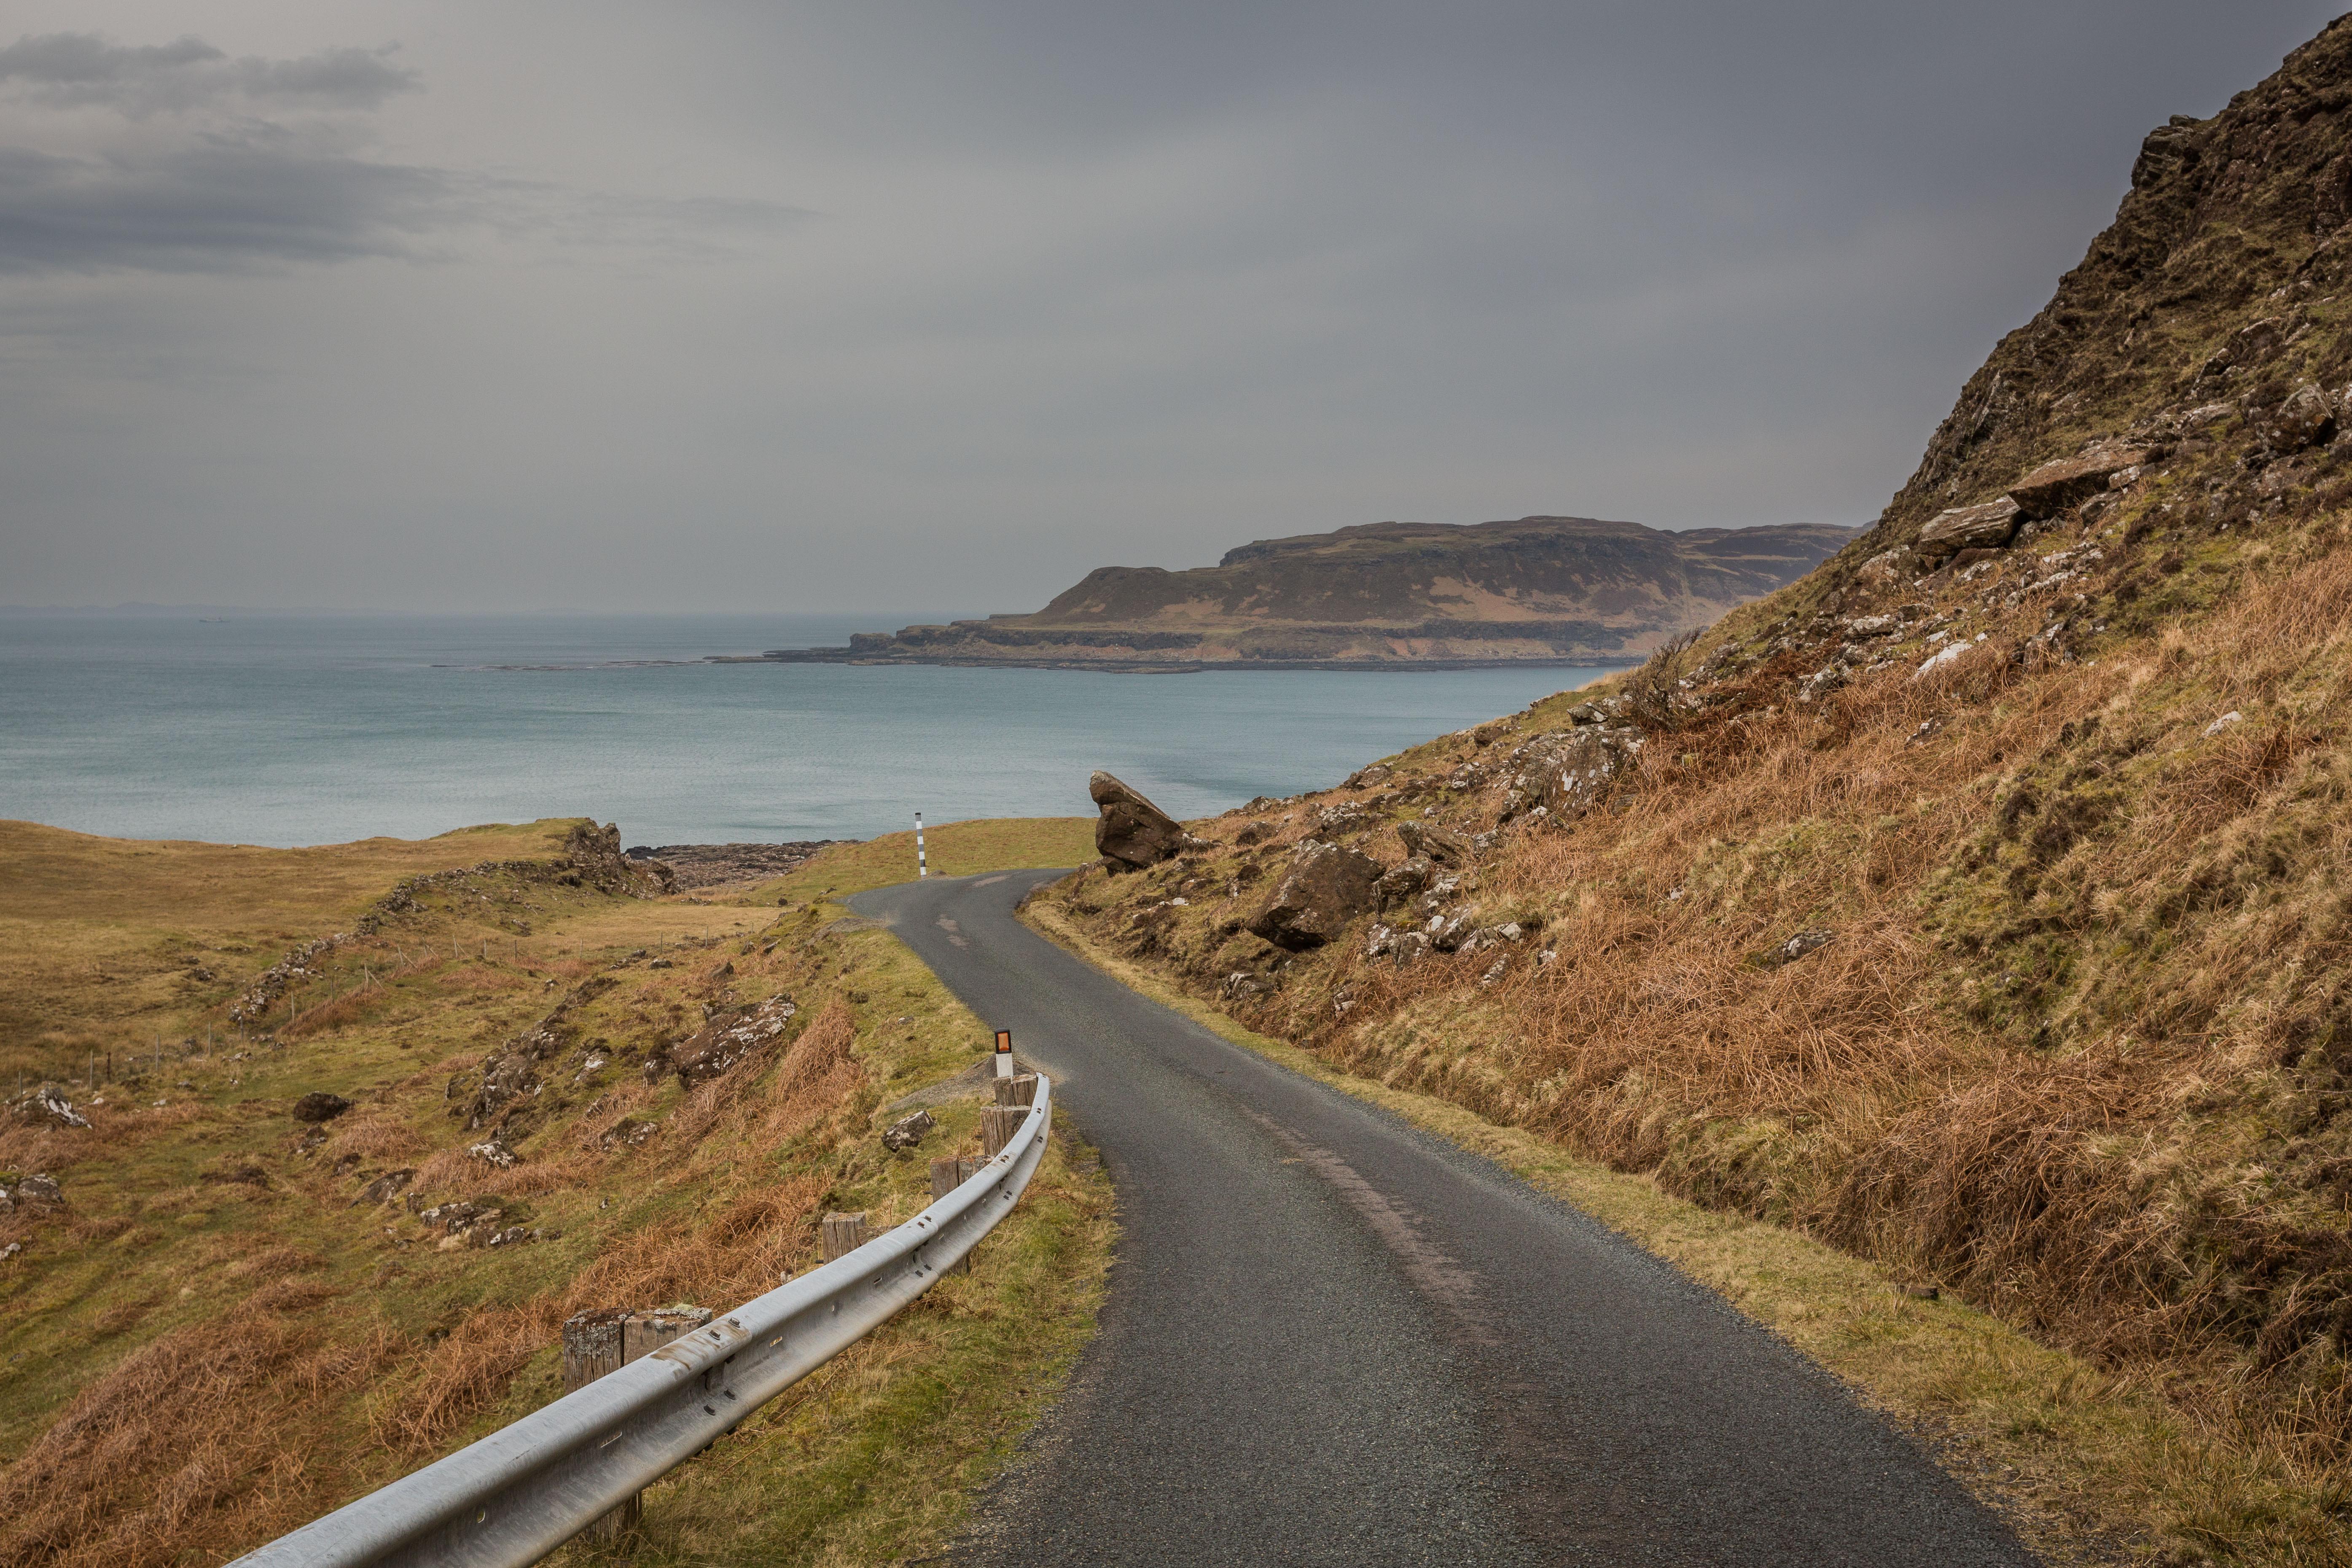 De smalle wegen door het woeste landschap van Mull.